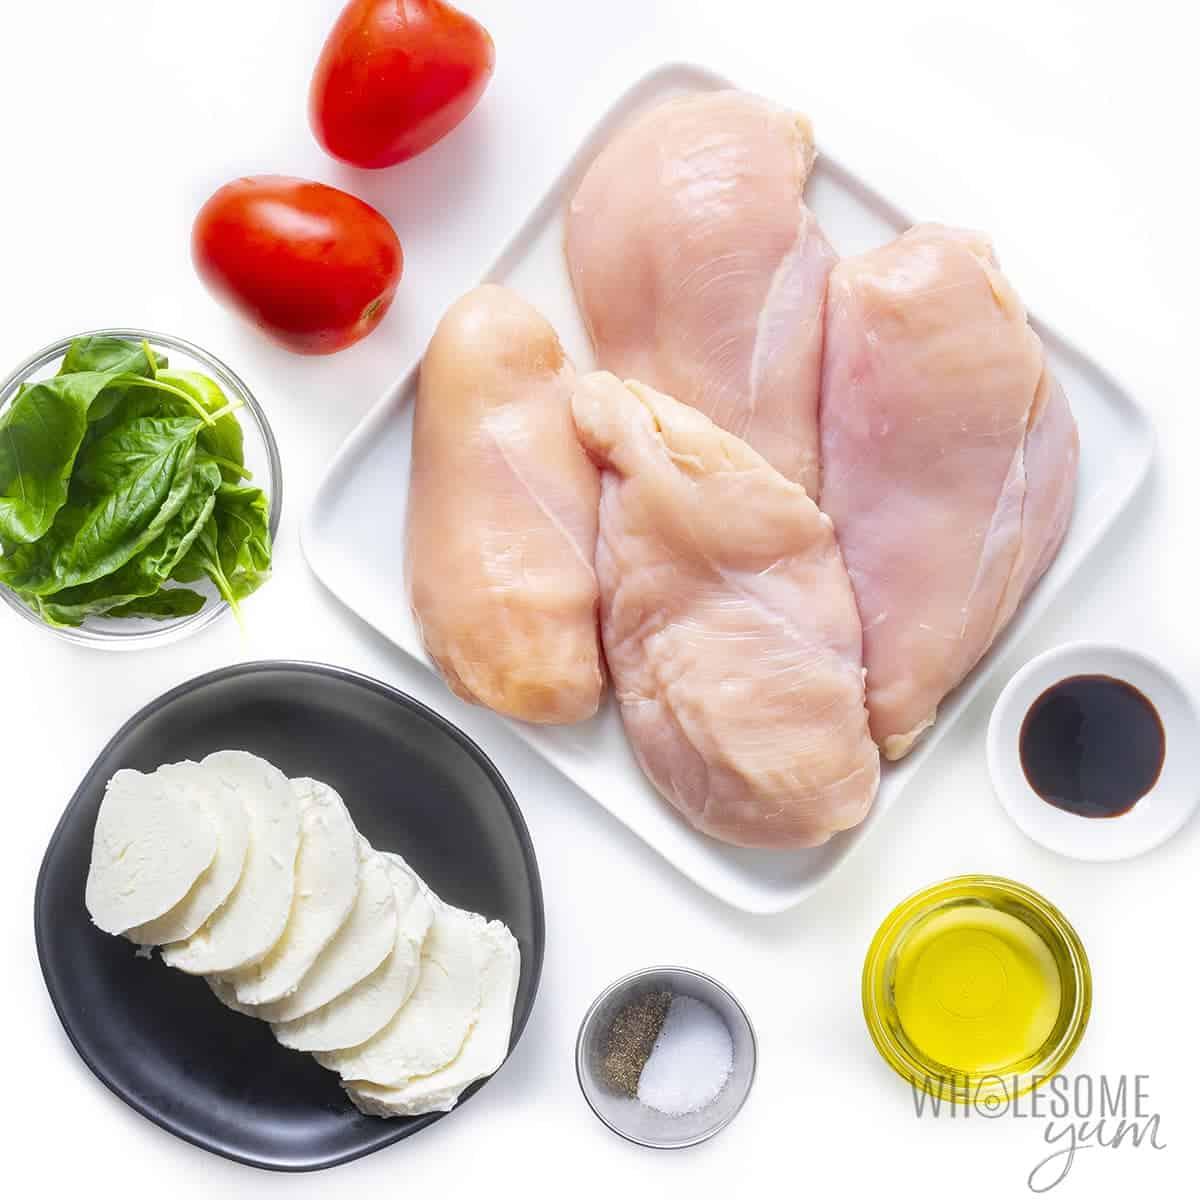 Ingredients to make chicken Caprese recipe